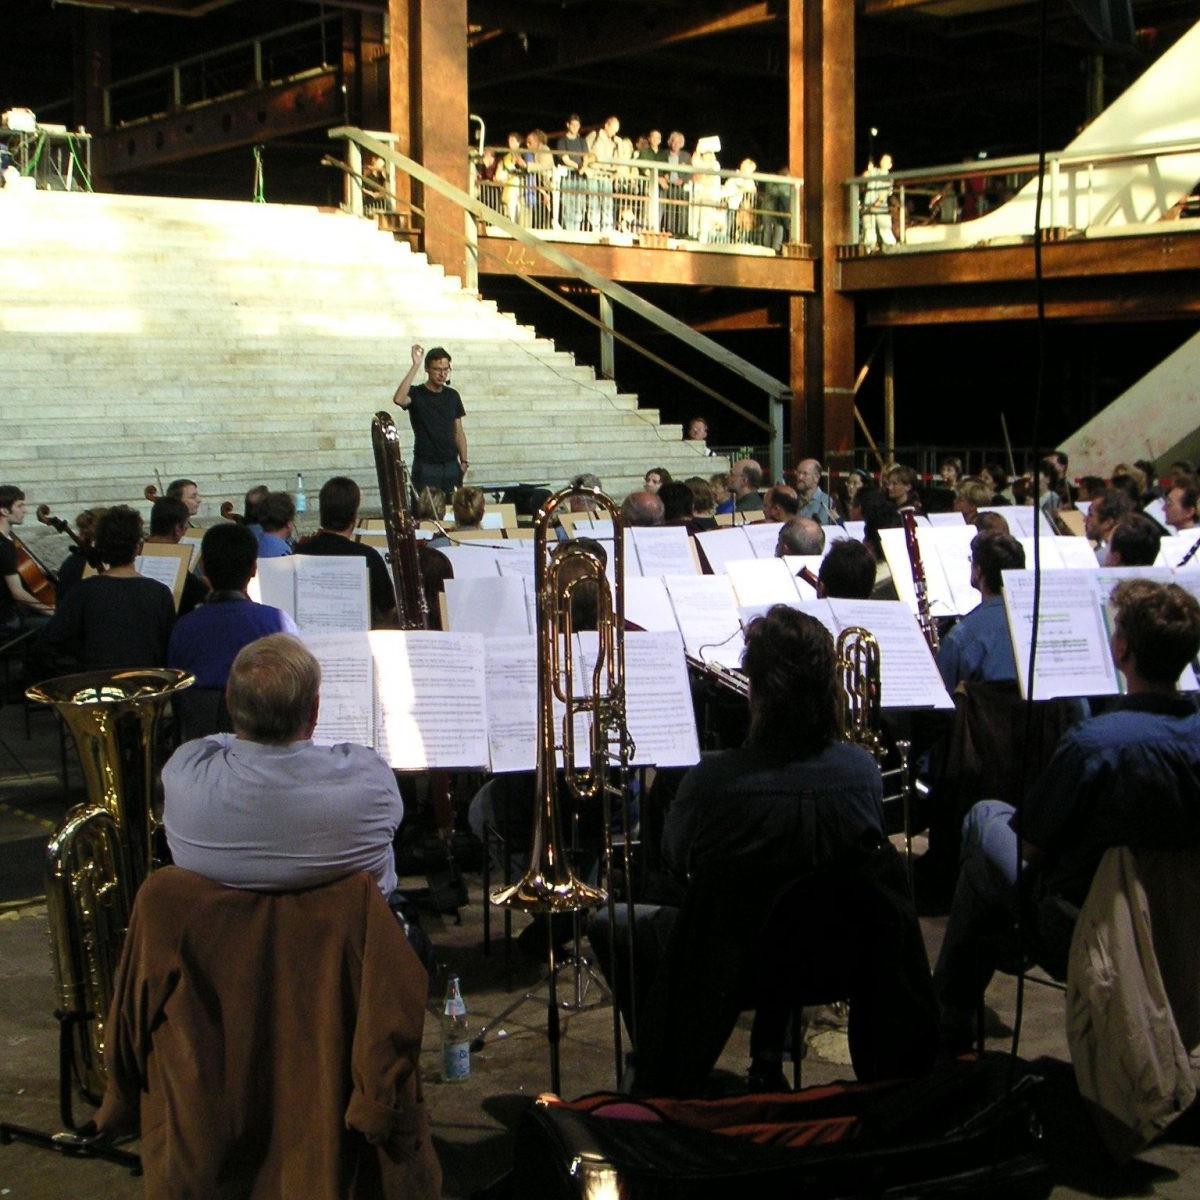 Zwischen Palast Nutzung, Konzert Christian von Borries, 2003 - Foto: Stefan Rethfeld